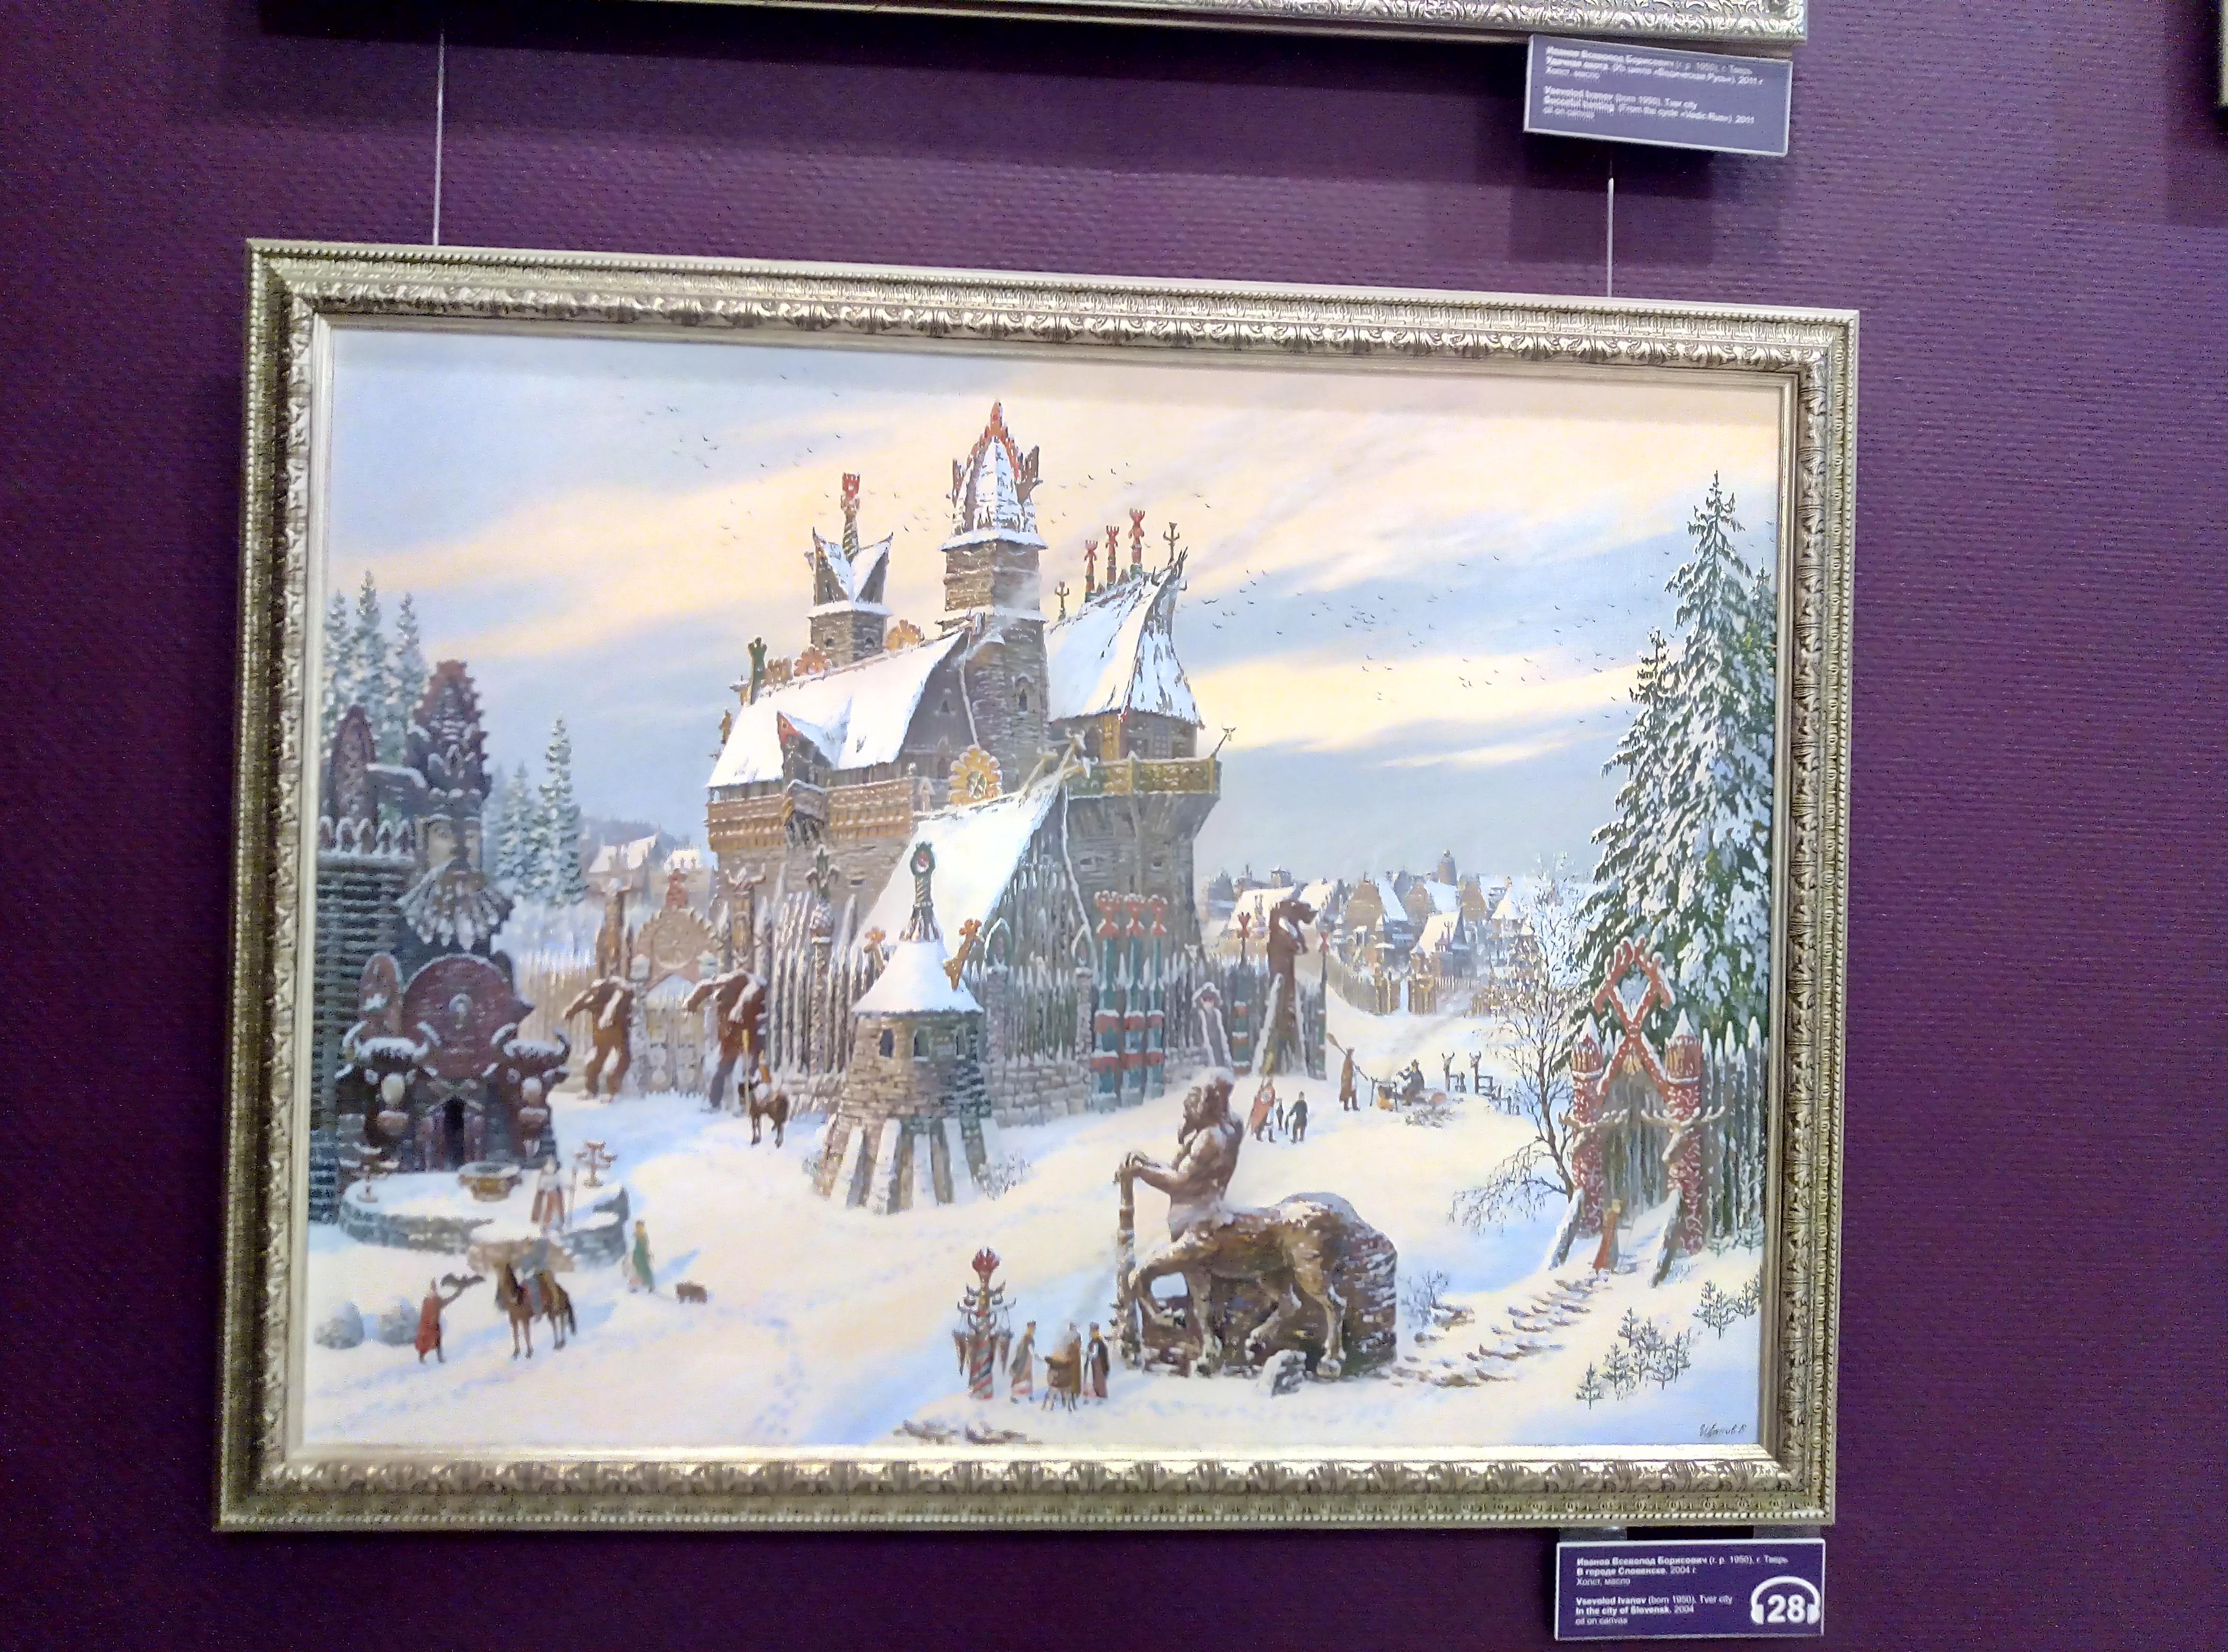 2019 06 28 11 07 12 - O museu da mitologia eslava em Tomsk